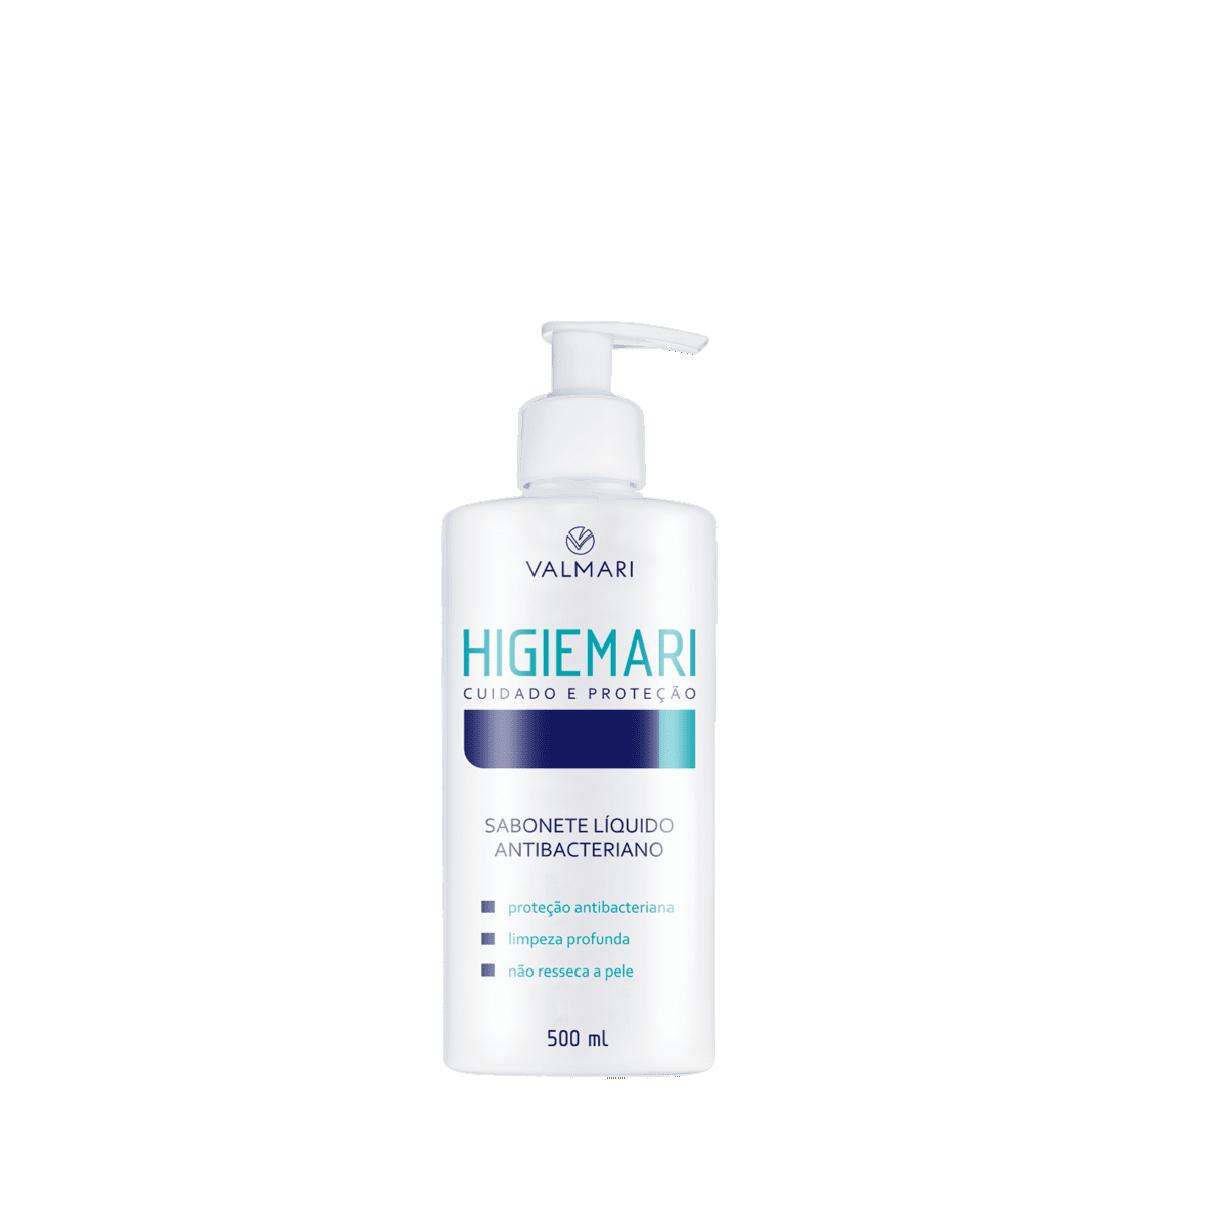 Higiemari Sabonete Líquido Antibacteriano 500ml - Valmari